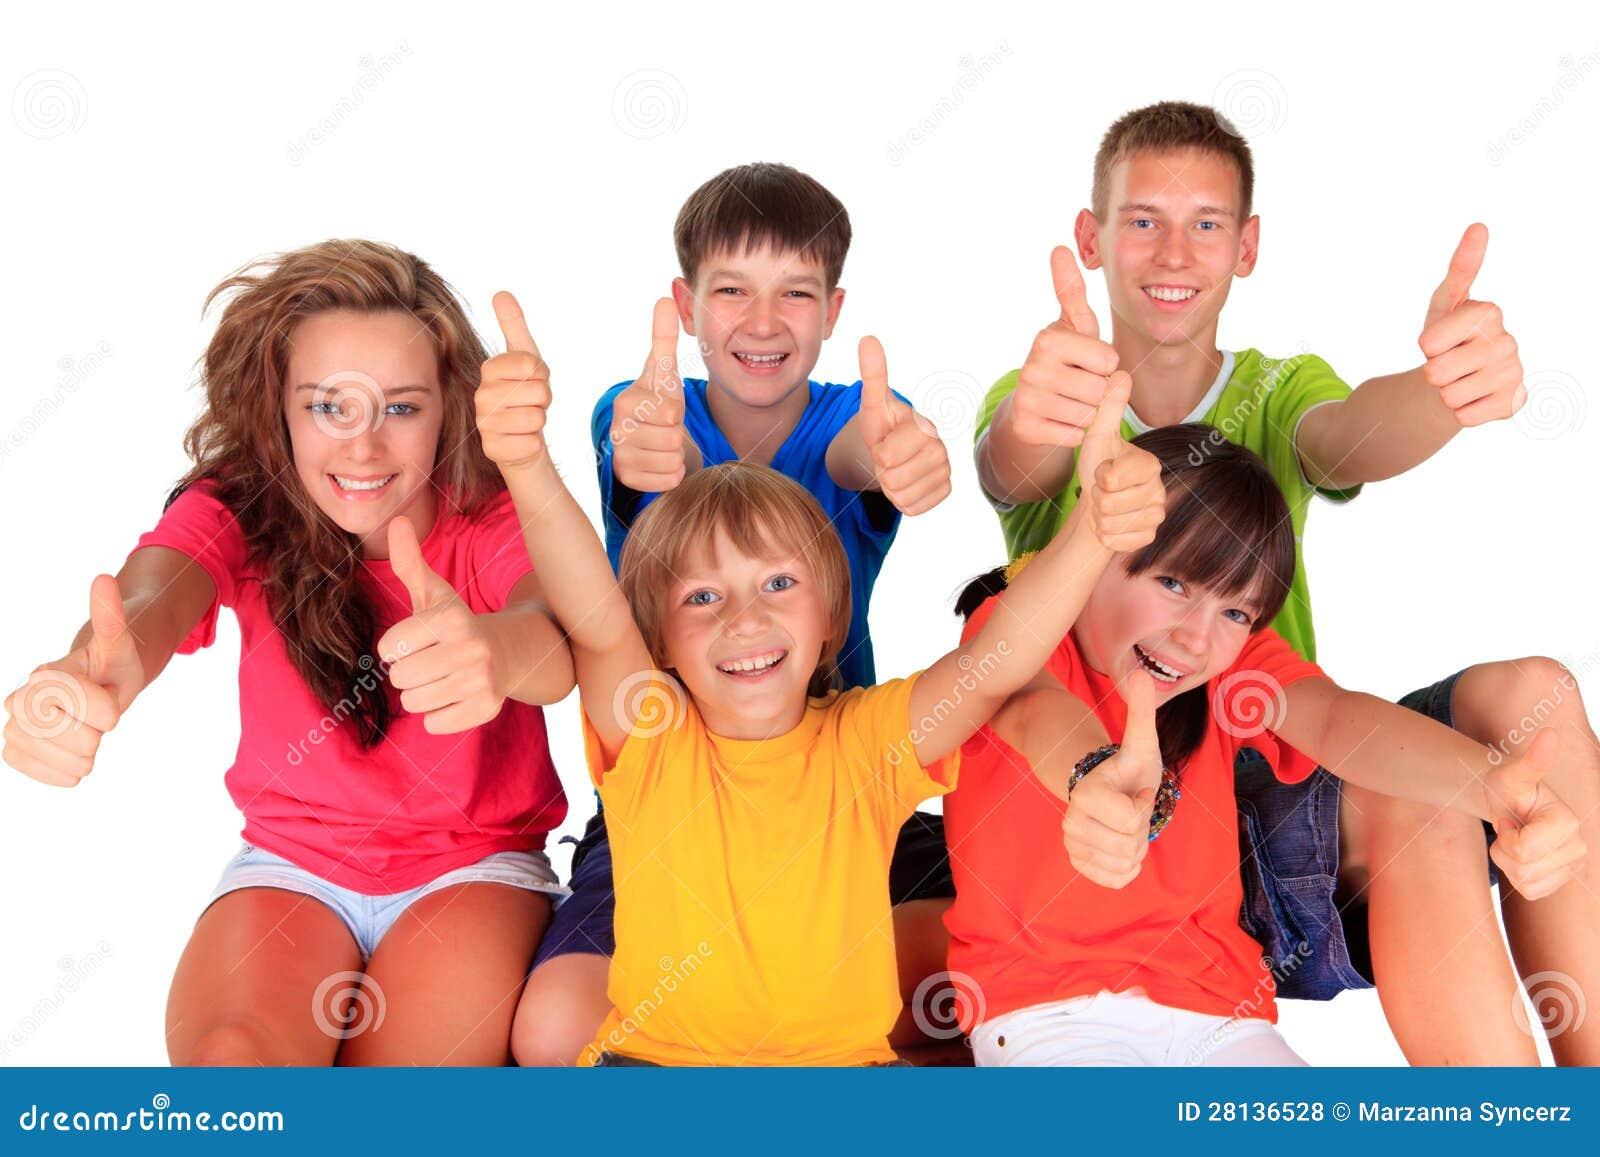 Teen Thumbs Free 12